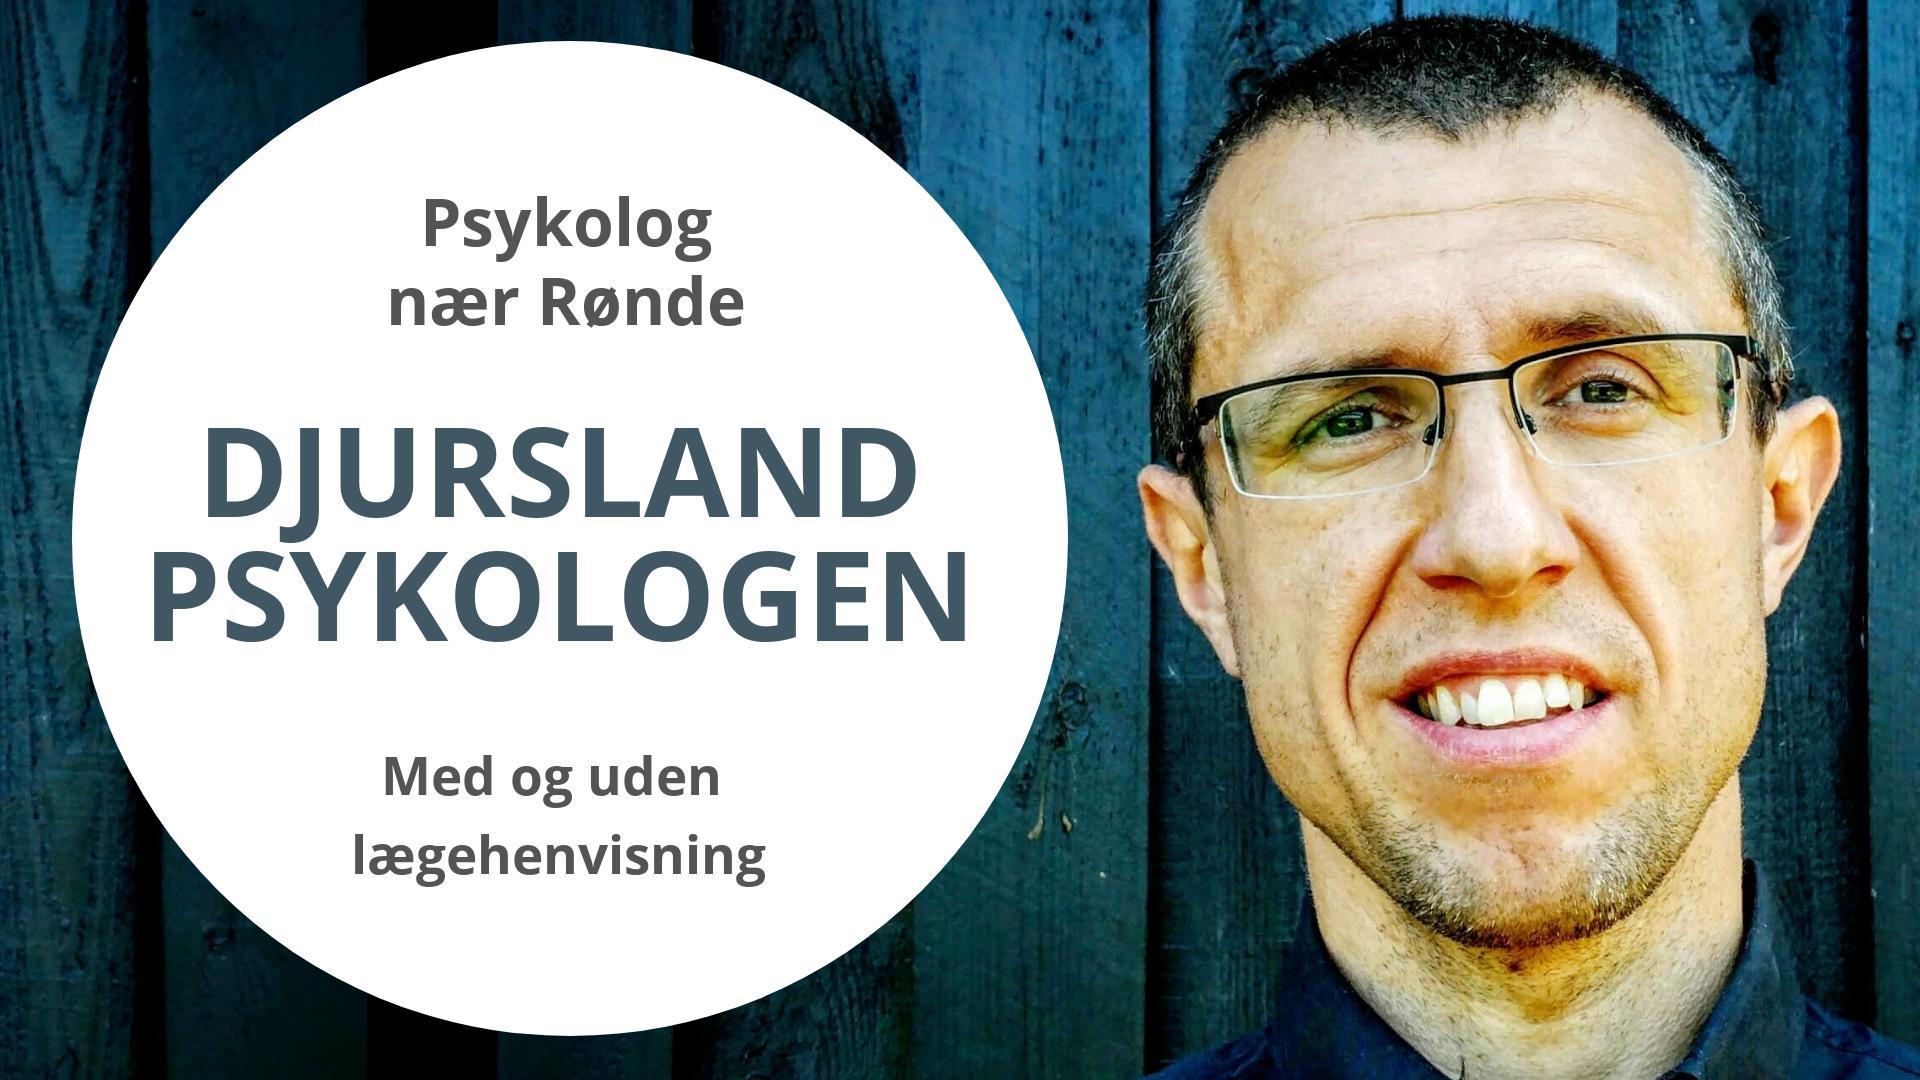 Djursland-psykologen nær Rønde - 7 minutters kørsel fra Rønde til Fabriksvej 5, Mørke